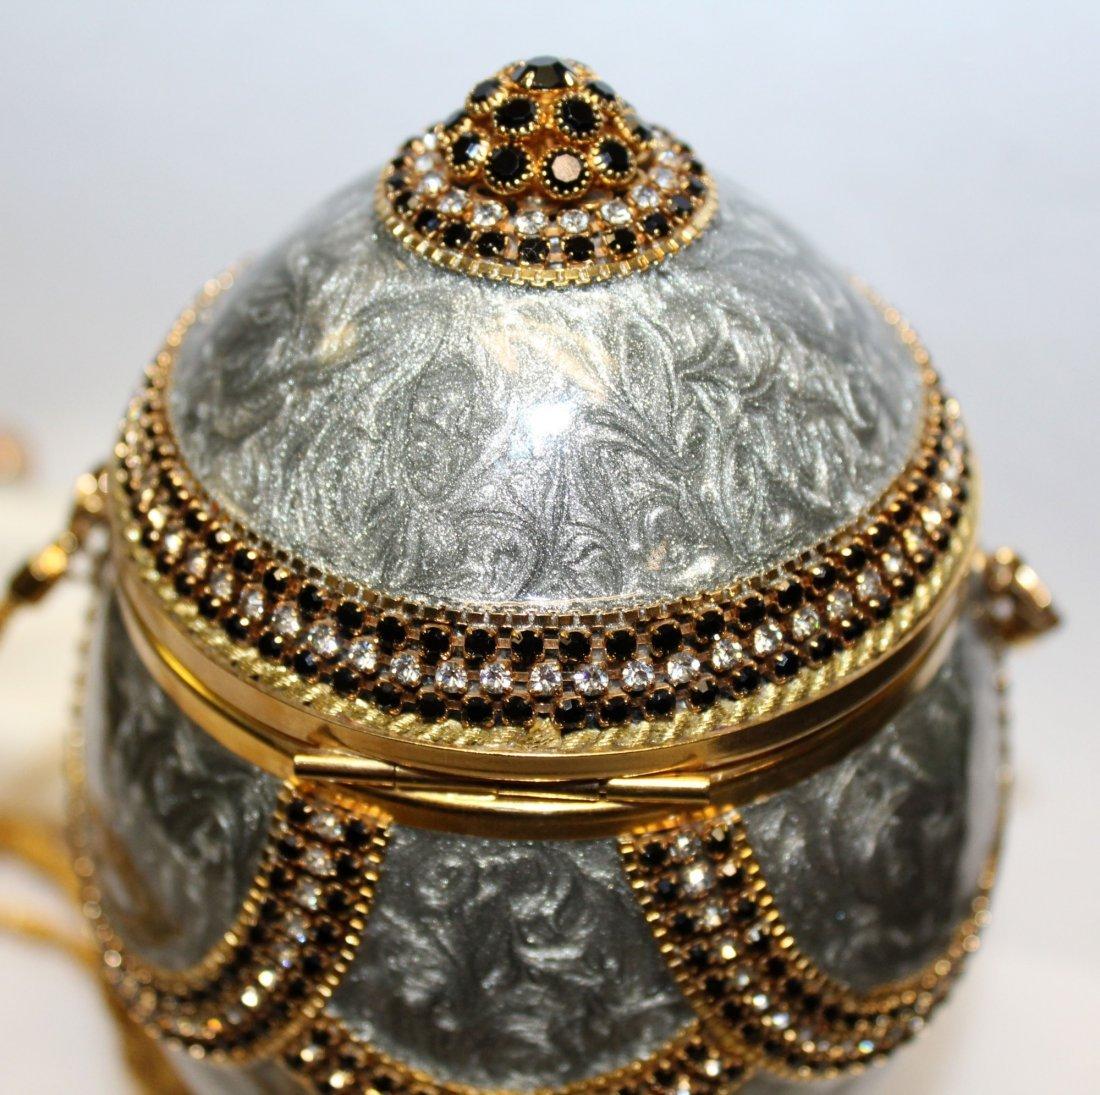 Vivian Alexander egg purse enamel with crystals - 5